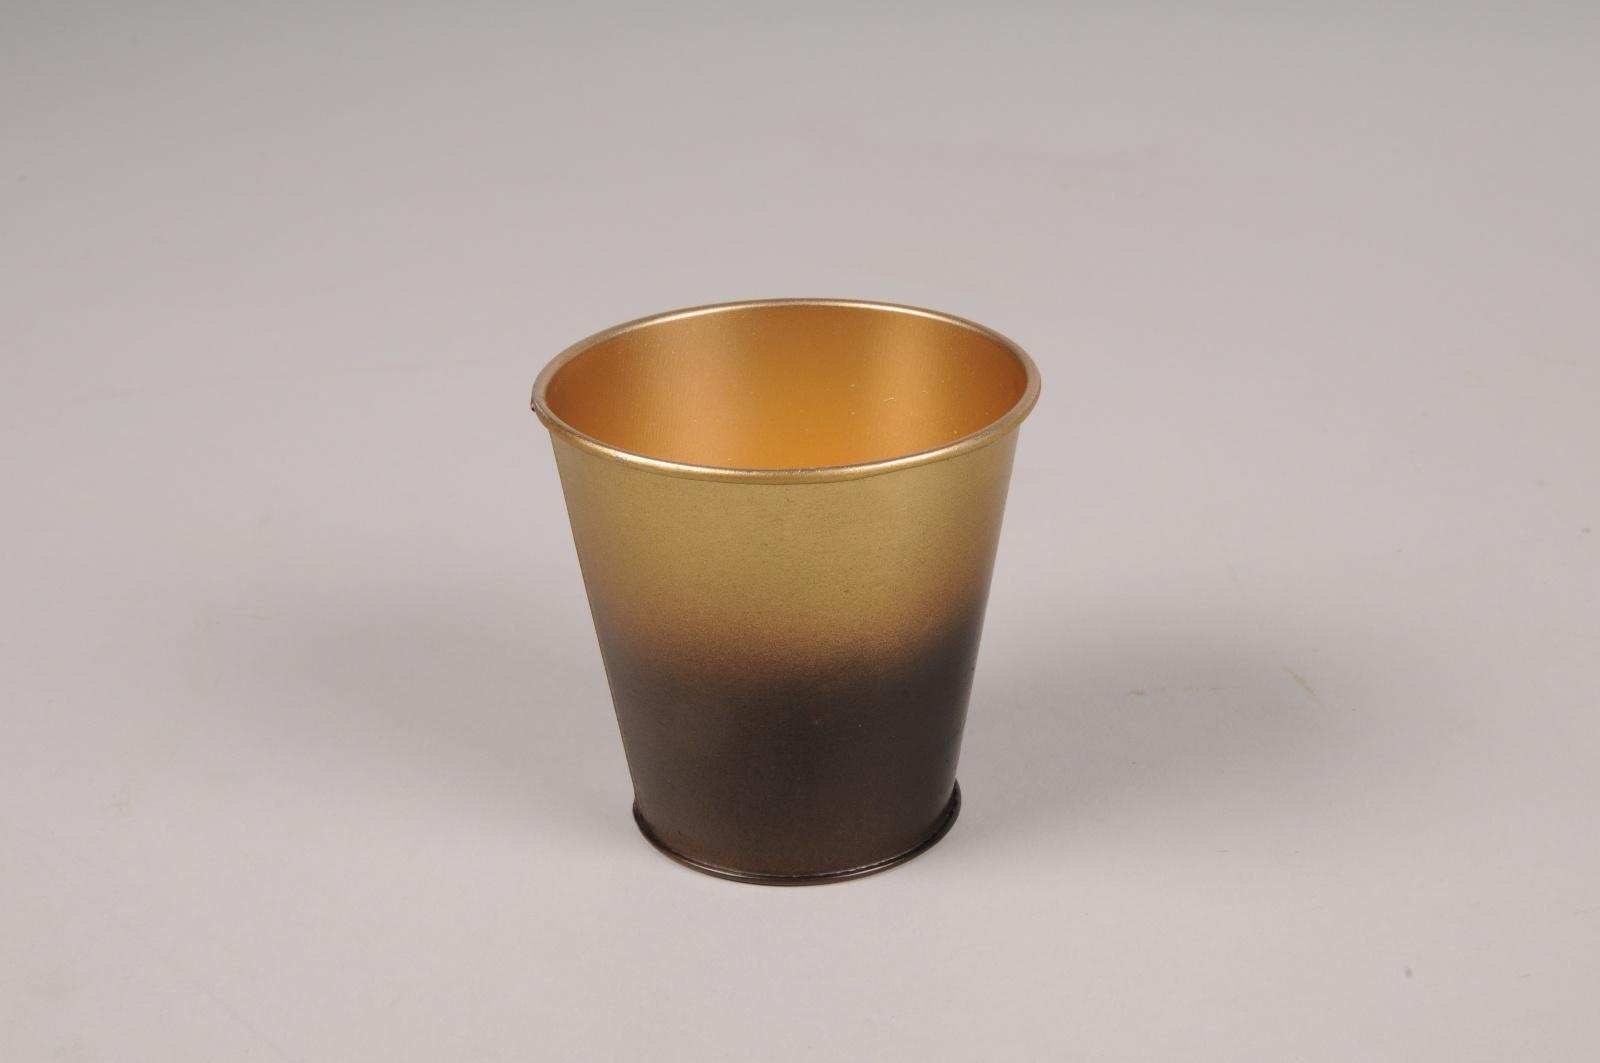 A047JY Cache-pot en métal or noir D6.5cm H6.5cm